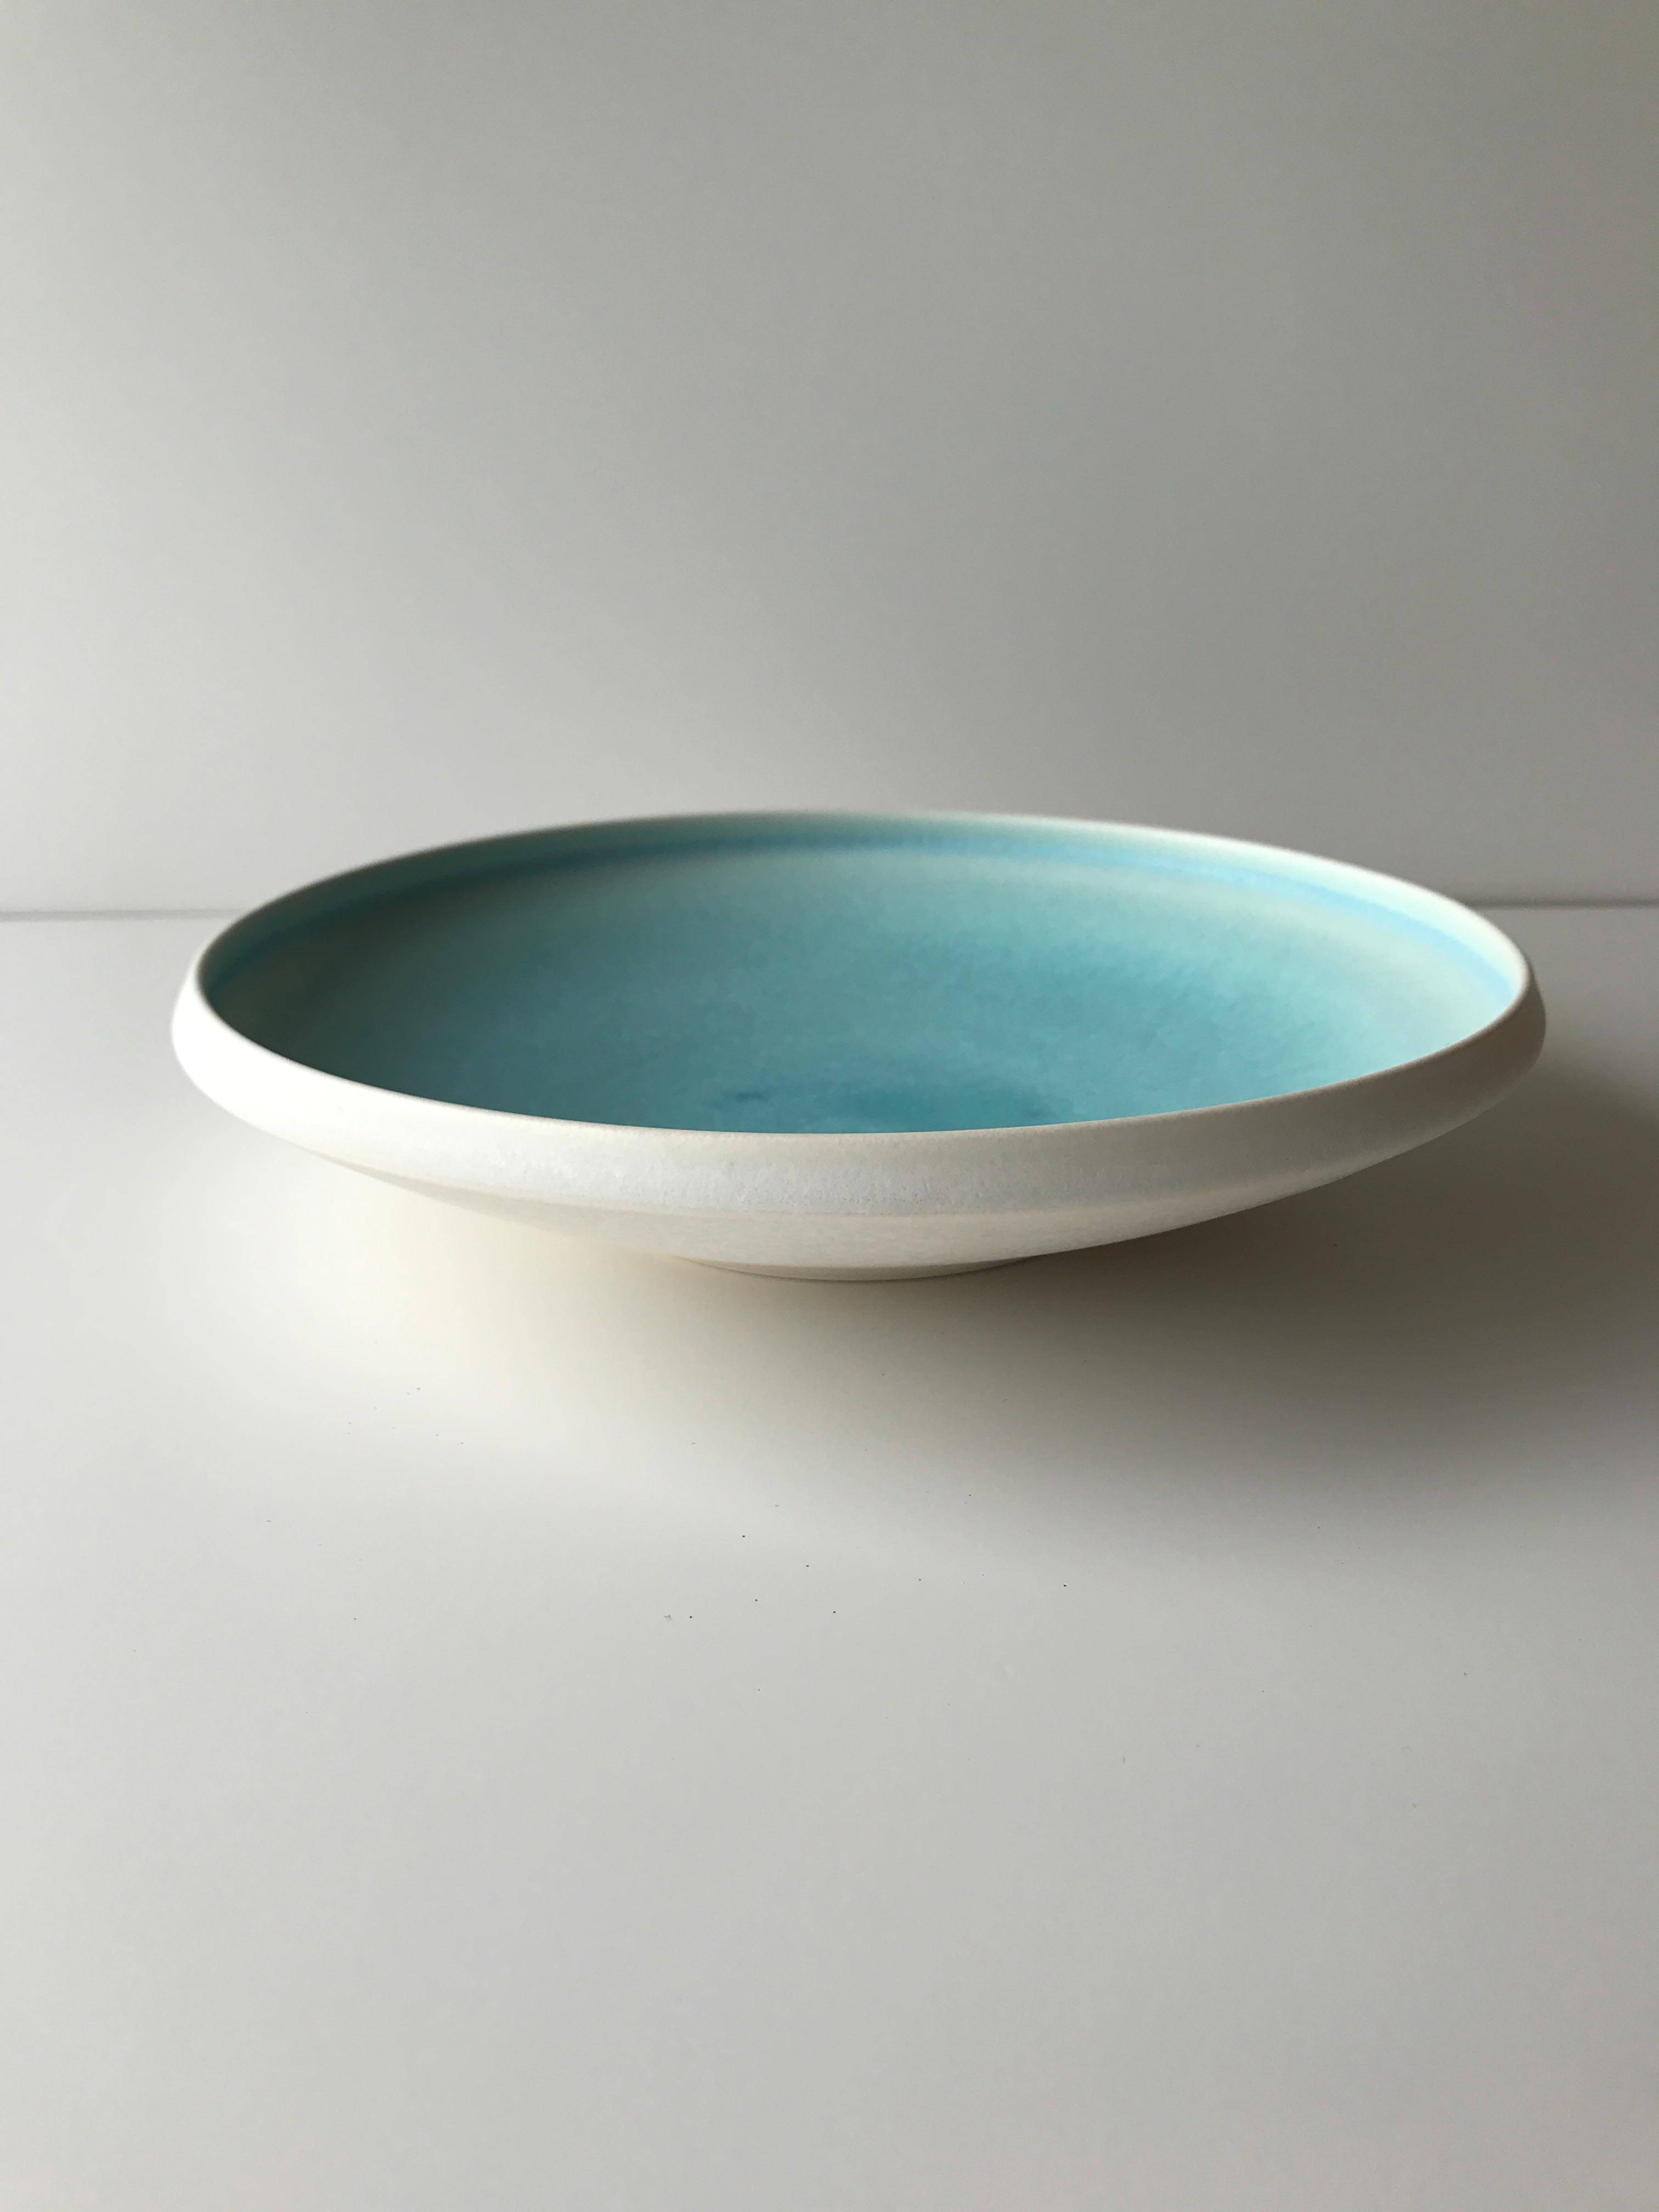 アイスグリーン皿